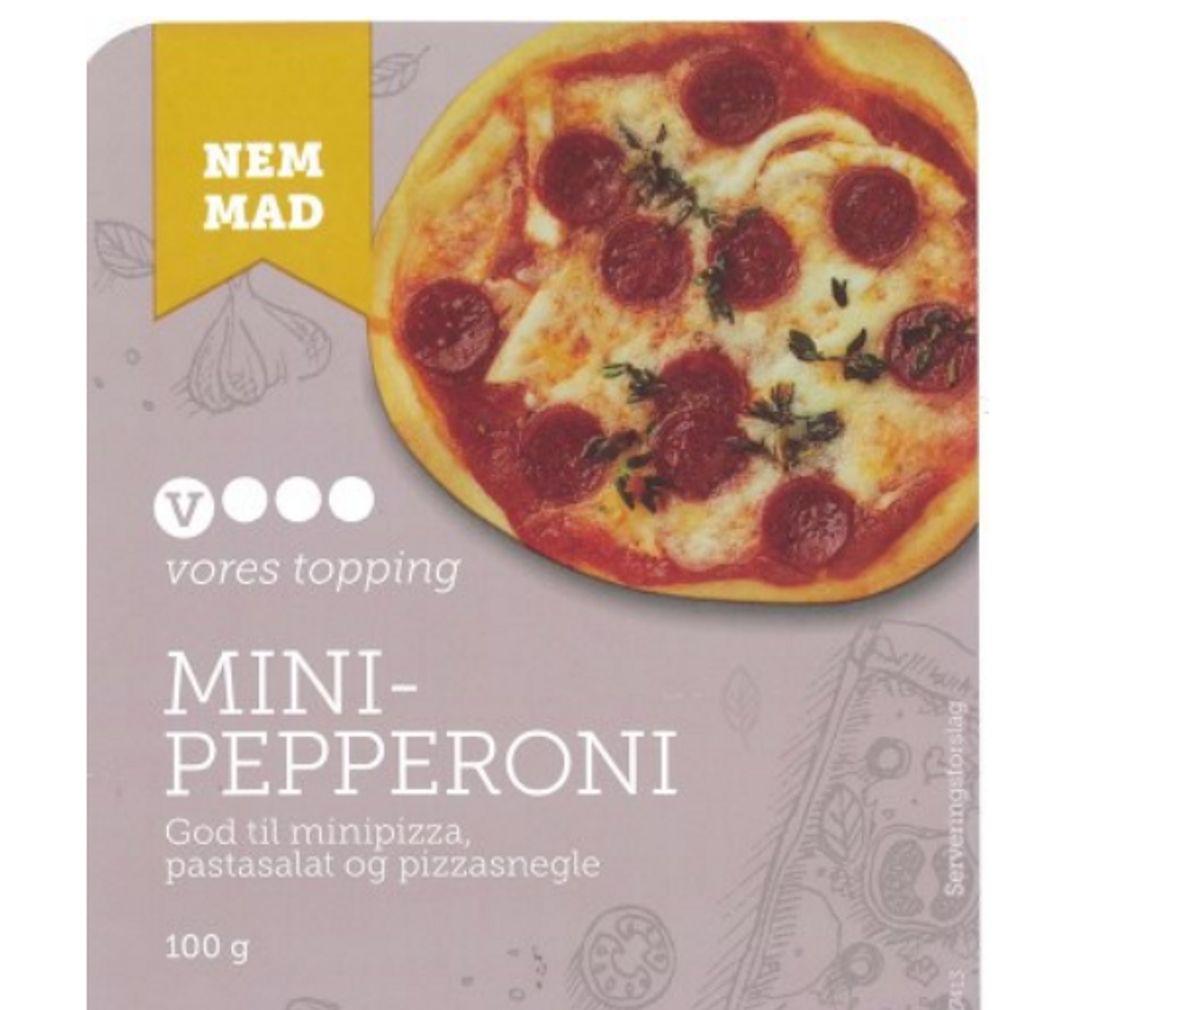 """Metalstykker i Mini Pepperoni: Mini Pepperoni, i 100 g og 400 g´s pakker. Pakkedatoer: 20.02.18, 22.02.18 samt 26.02.18 Bedst før datoer: 20.03.18, 22.03.18 samt 26.03.18 EAN kode: 5701483174114 Solgt hvor: """"Vores"""" er solgt i Føtex / Bilka i hele landet. Årsag: Der er fundet metalstykker i nogle pakninger af Mini Pepperoni. Foto: FVST"""